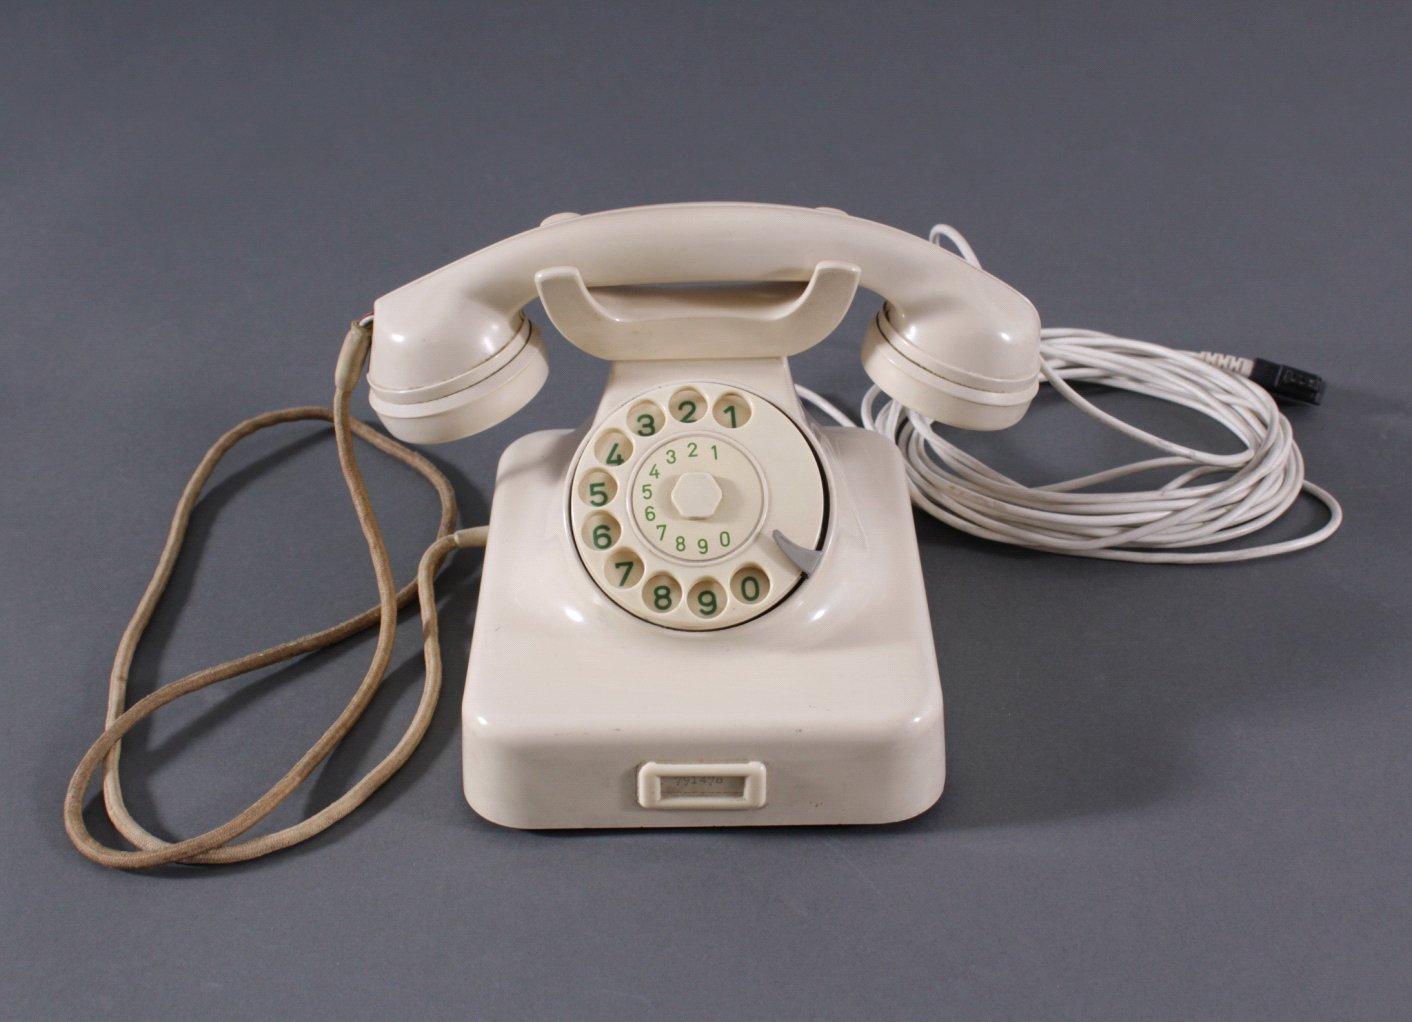 Telefon aus den 50er Jahren, W48 weiß